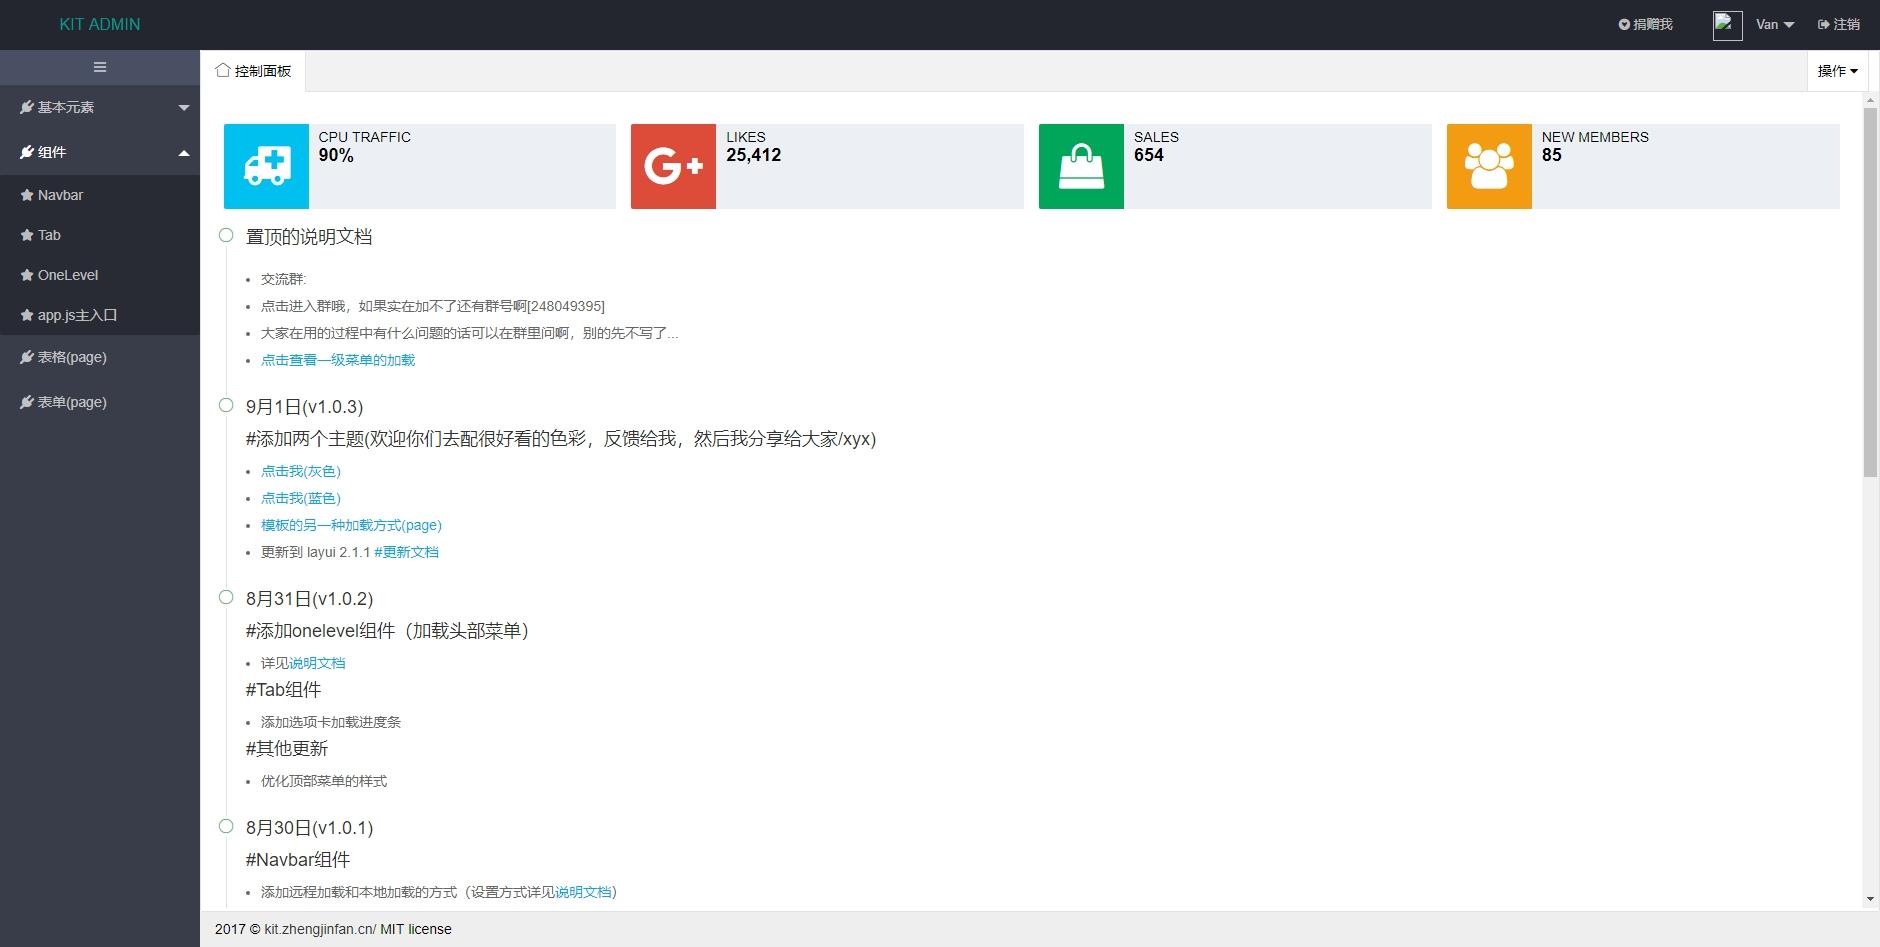 基于layui框架网站后台管理html模板源码